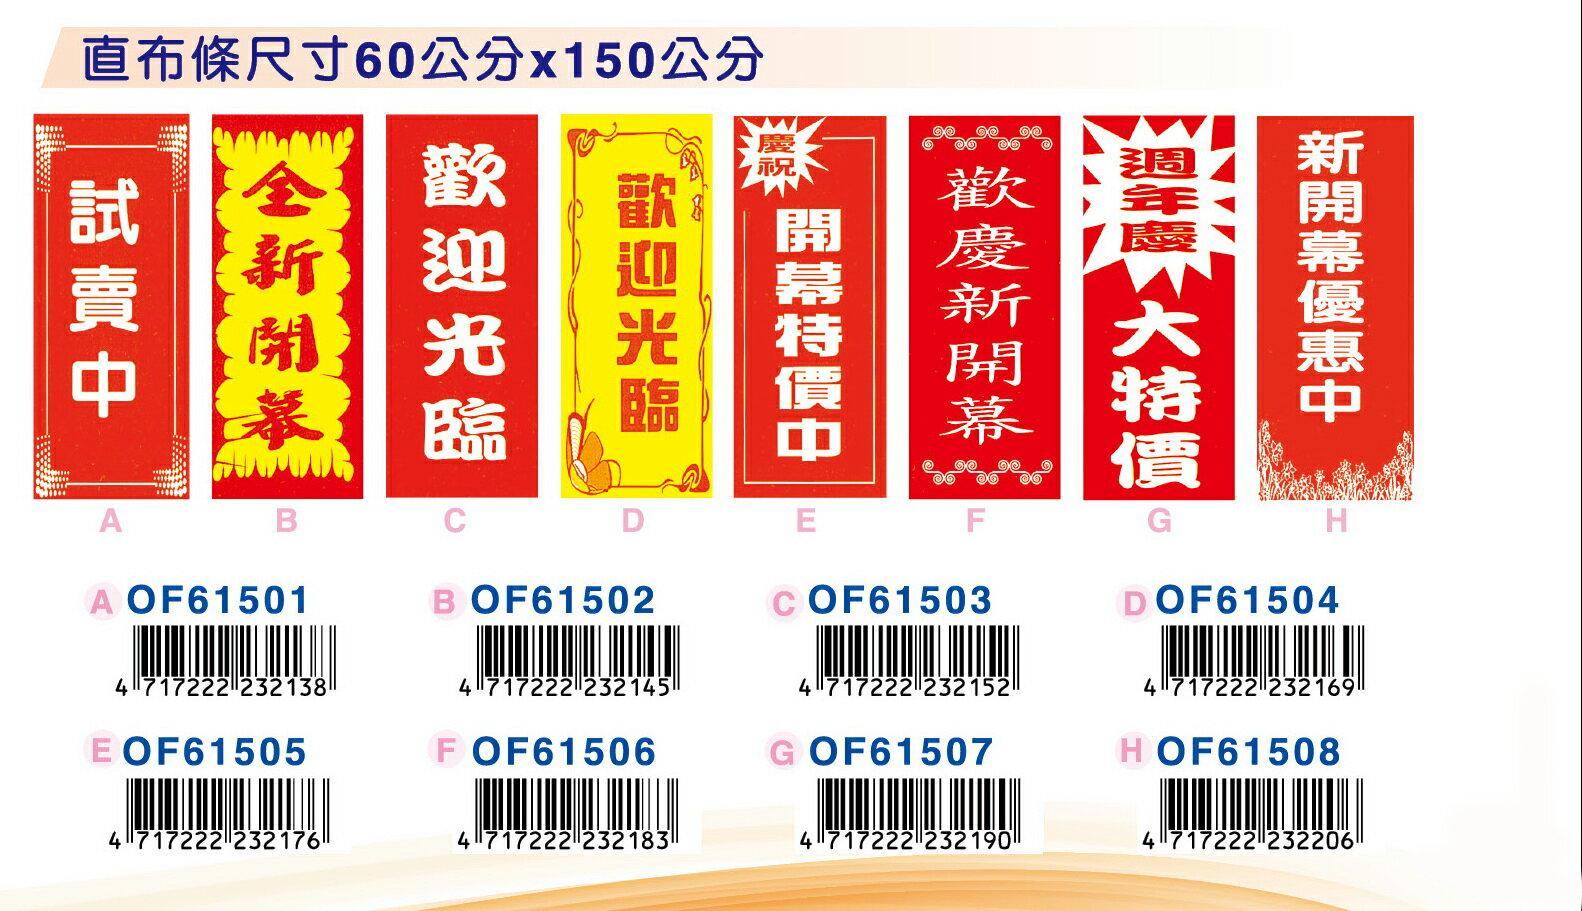 廣告直布條60公分x150公分客製化訂製品